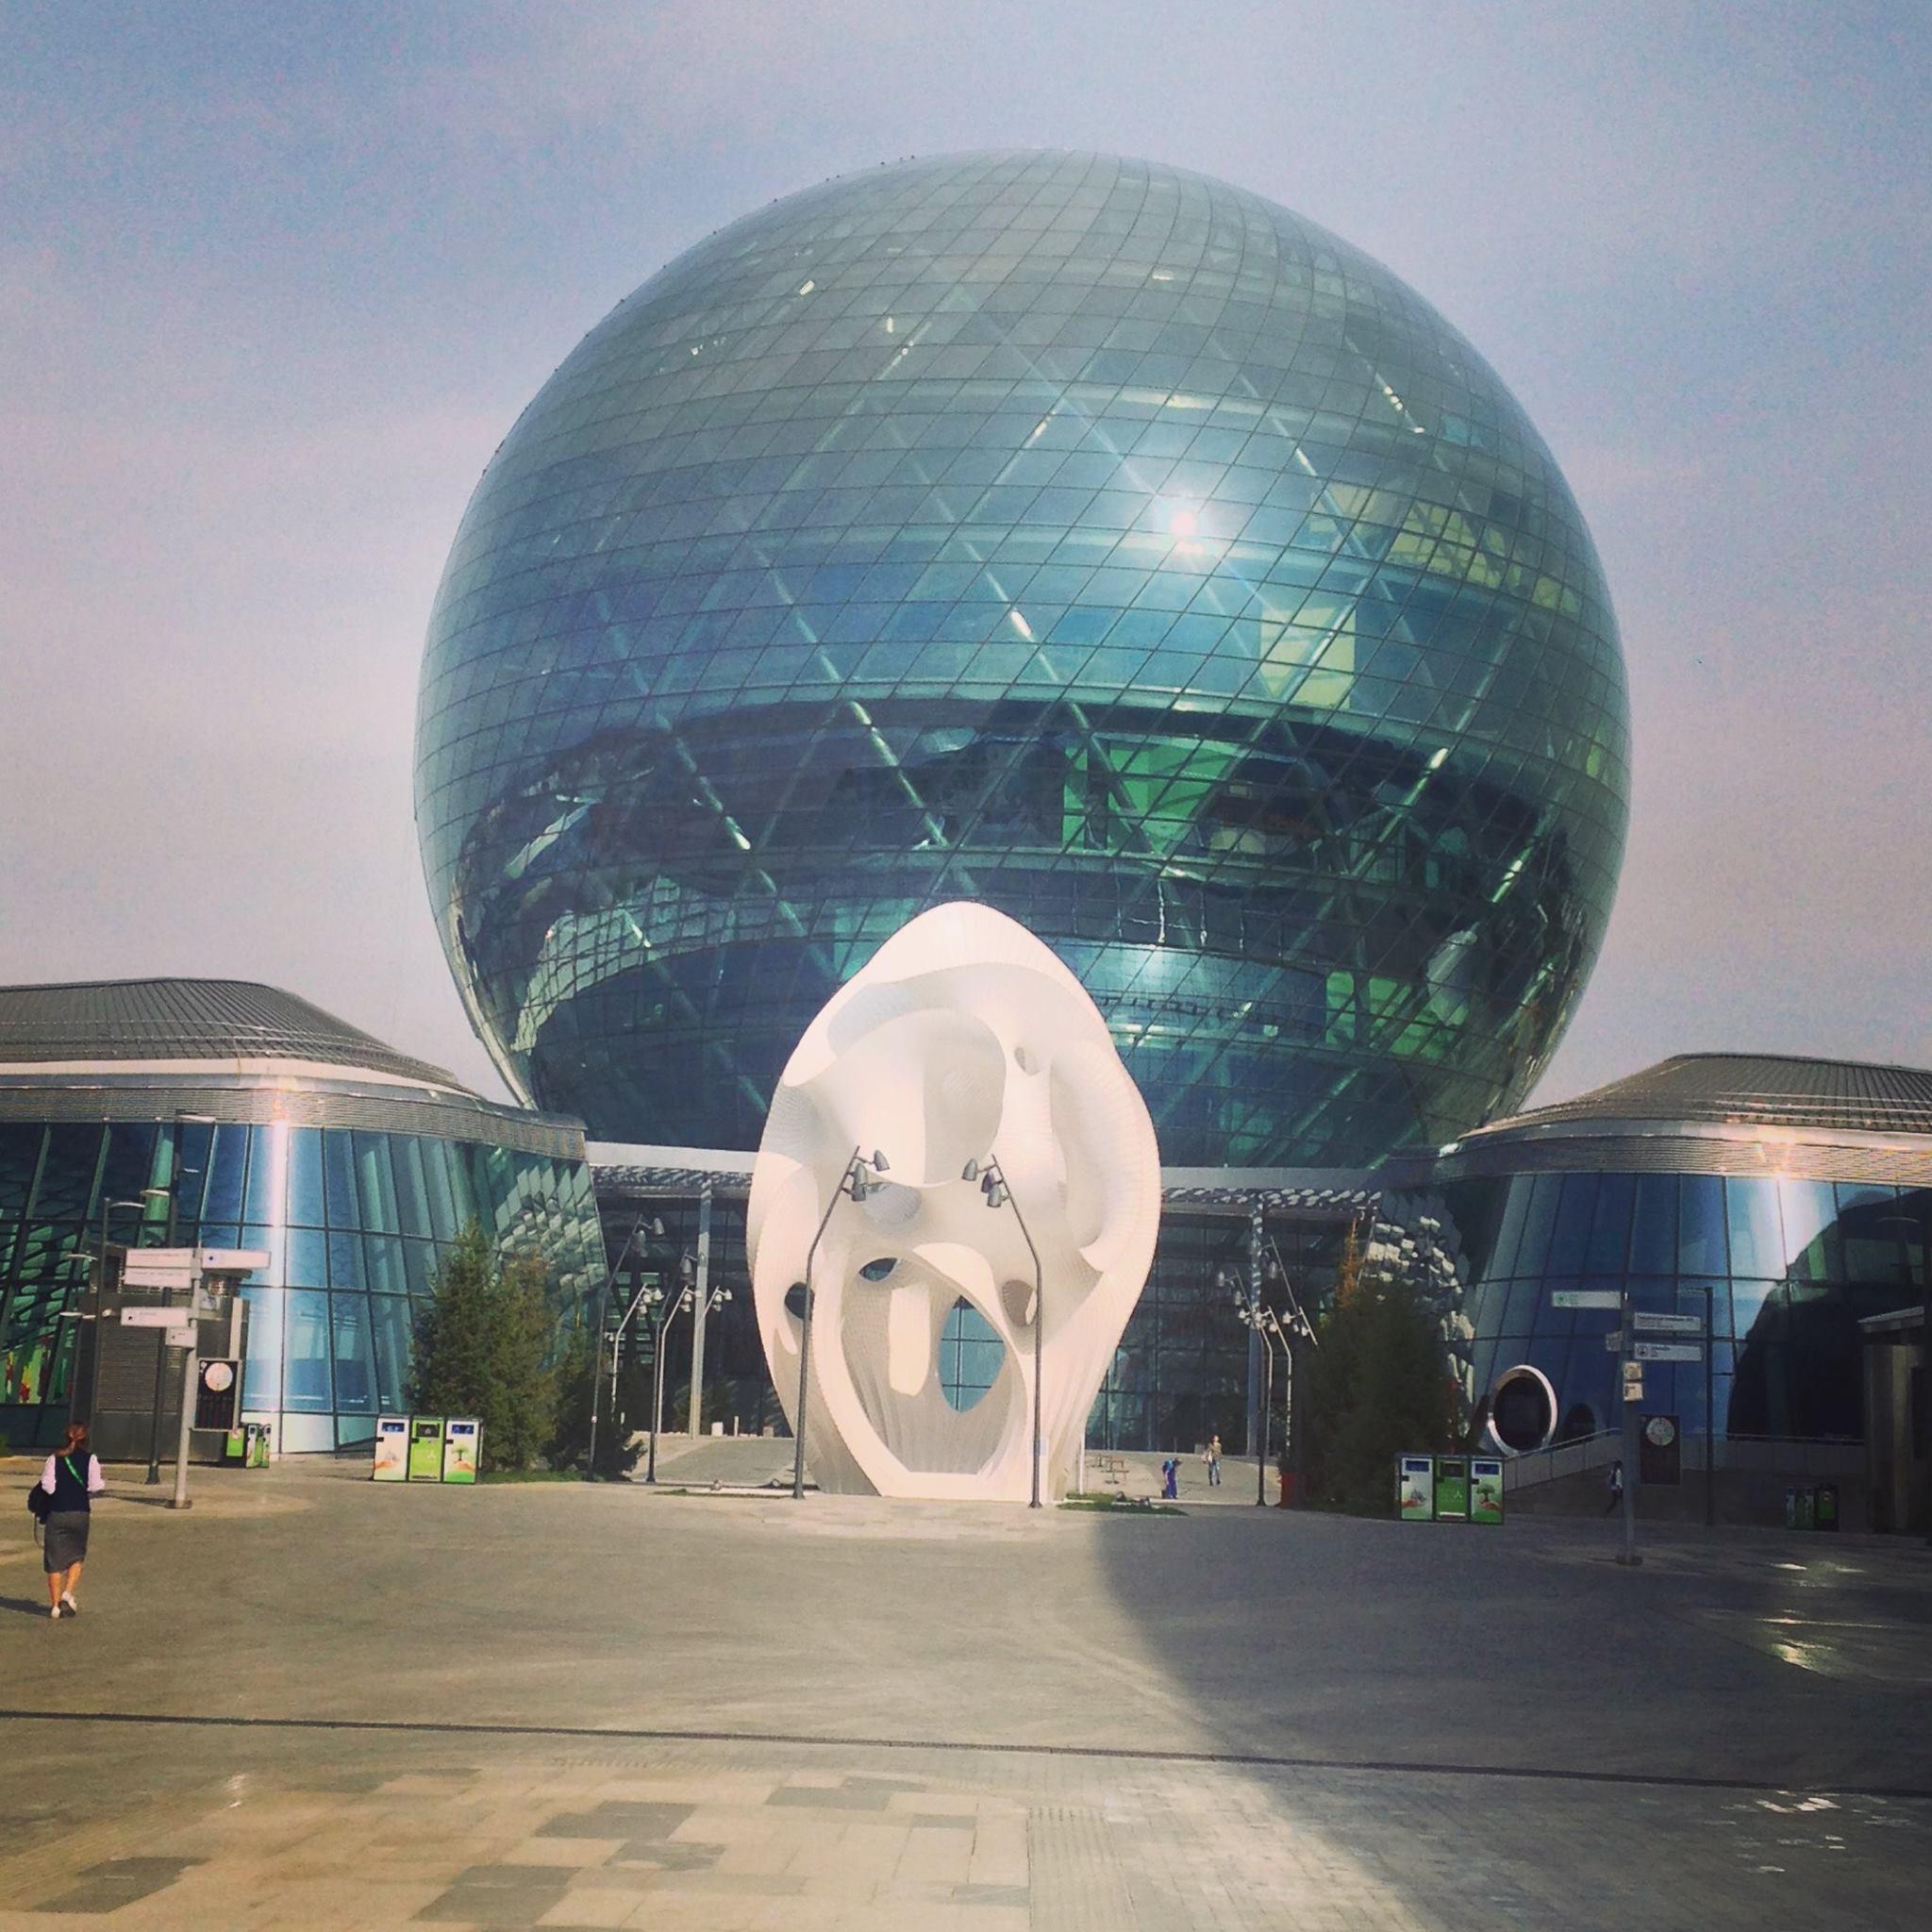 Au Kazakhstan, la France se met sur son 31 pour l'expo Astana 2017 – L'Opinion